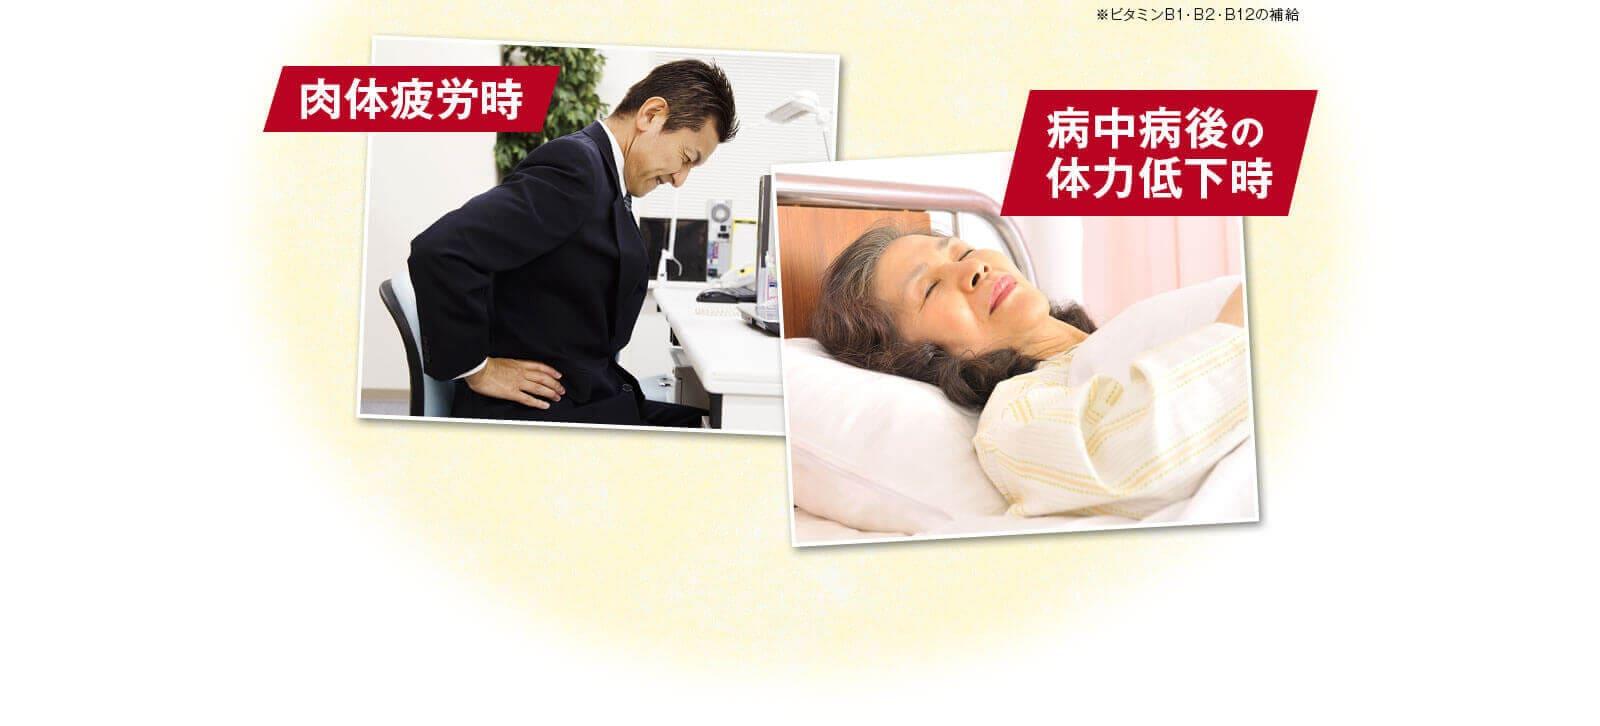 肉体疲労時・病中病後の体力低下時